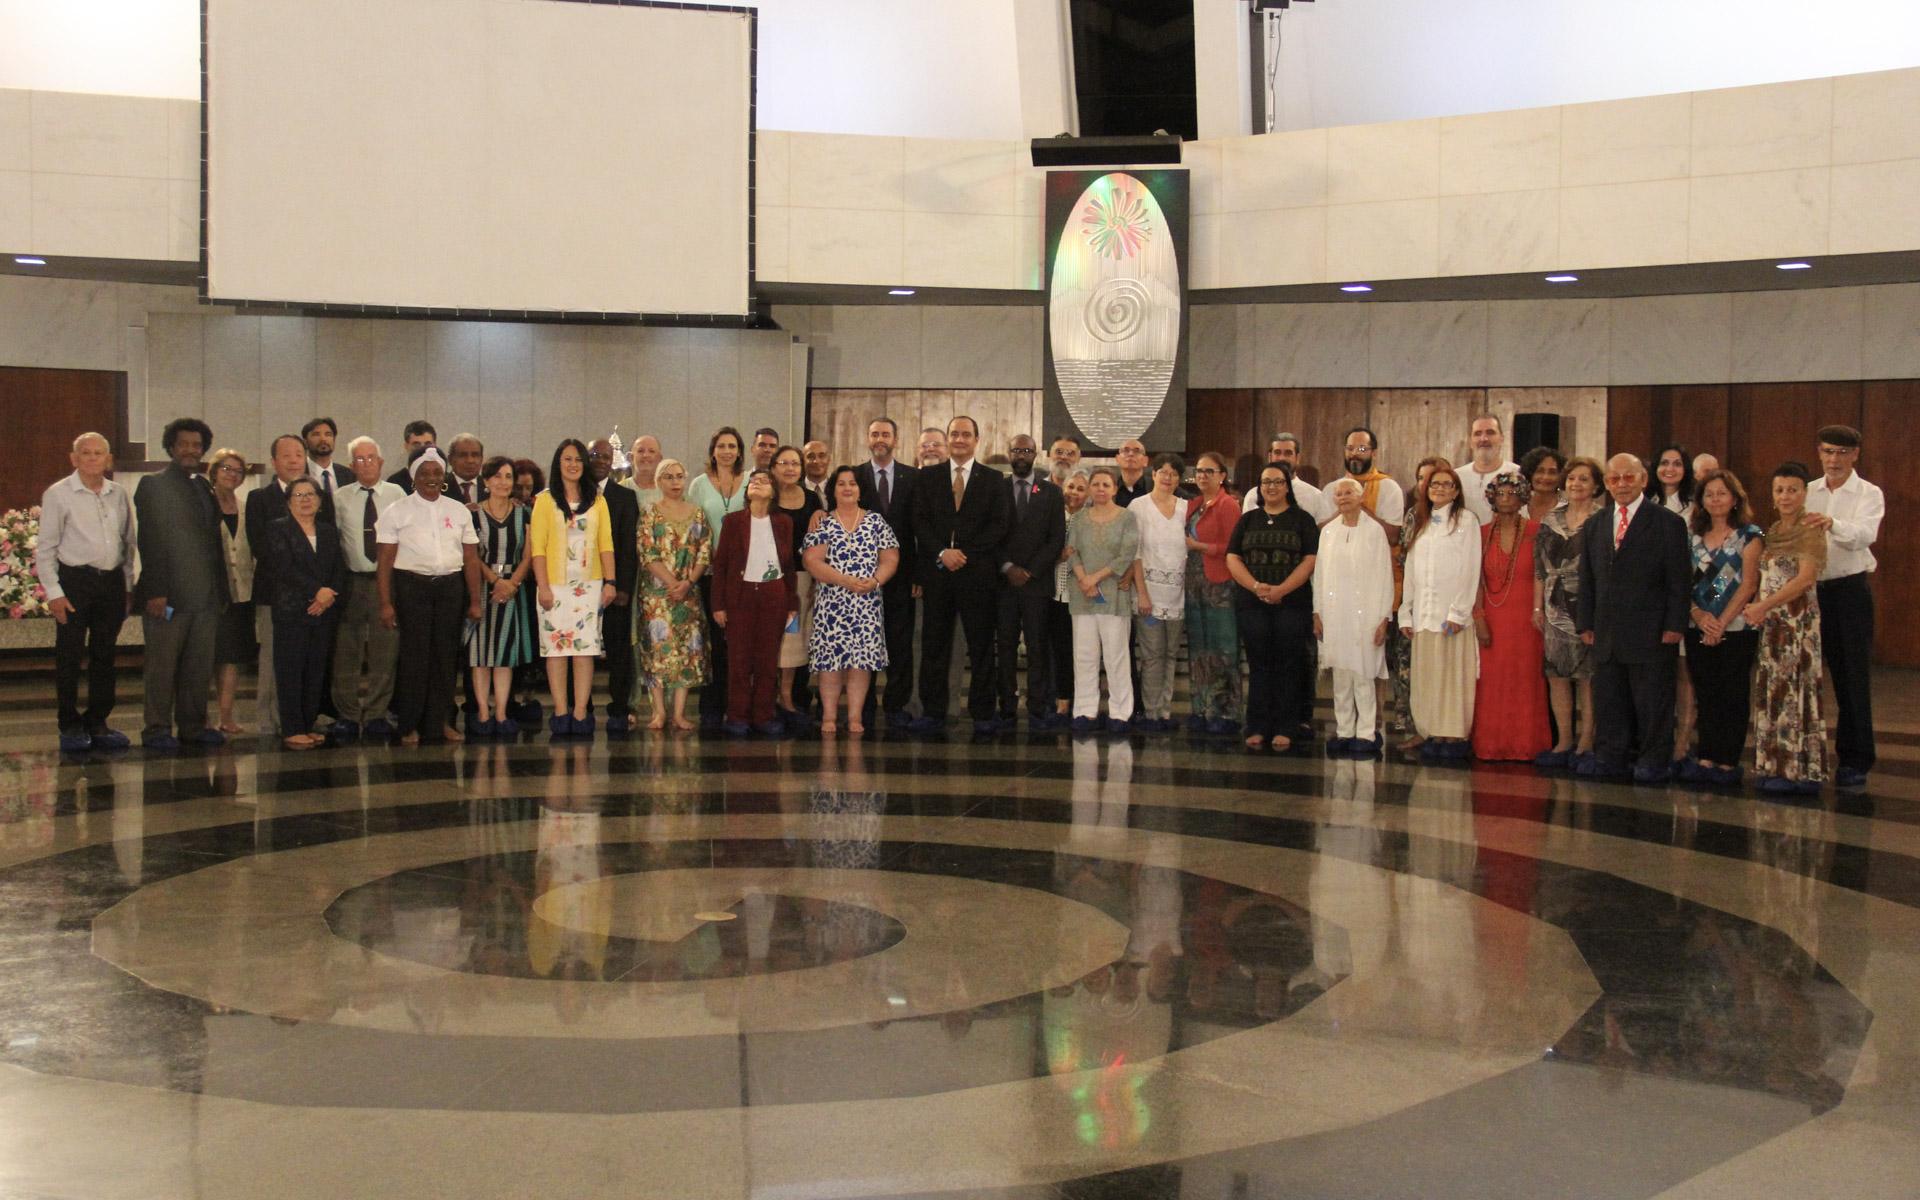 Brasília, DF —Ato Ecumênico reúne autoridades, lideranças religiosas, representantes de diversas áreas do saber humano e de organizações da sociedade civil.